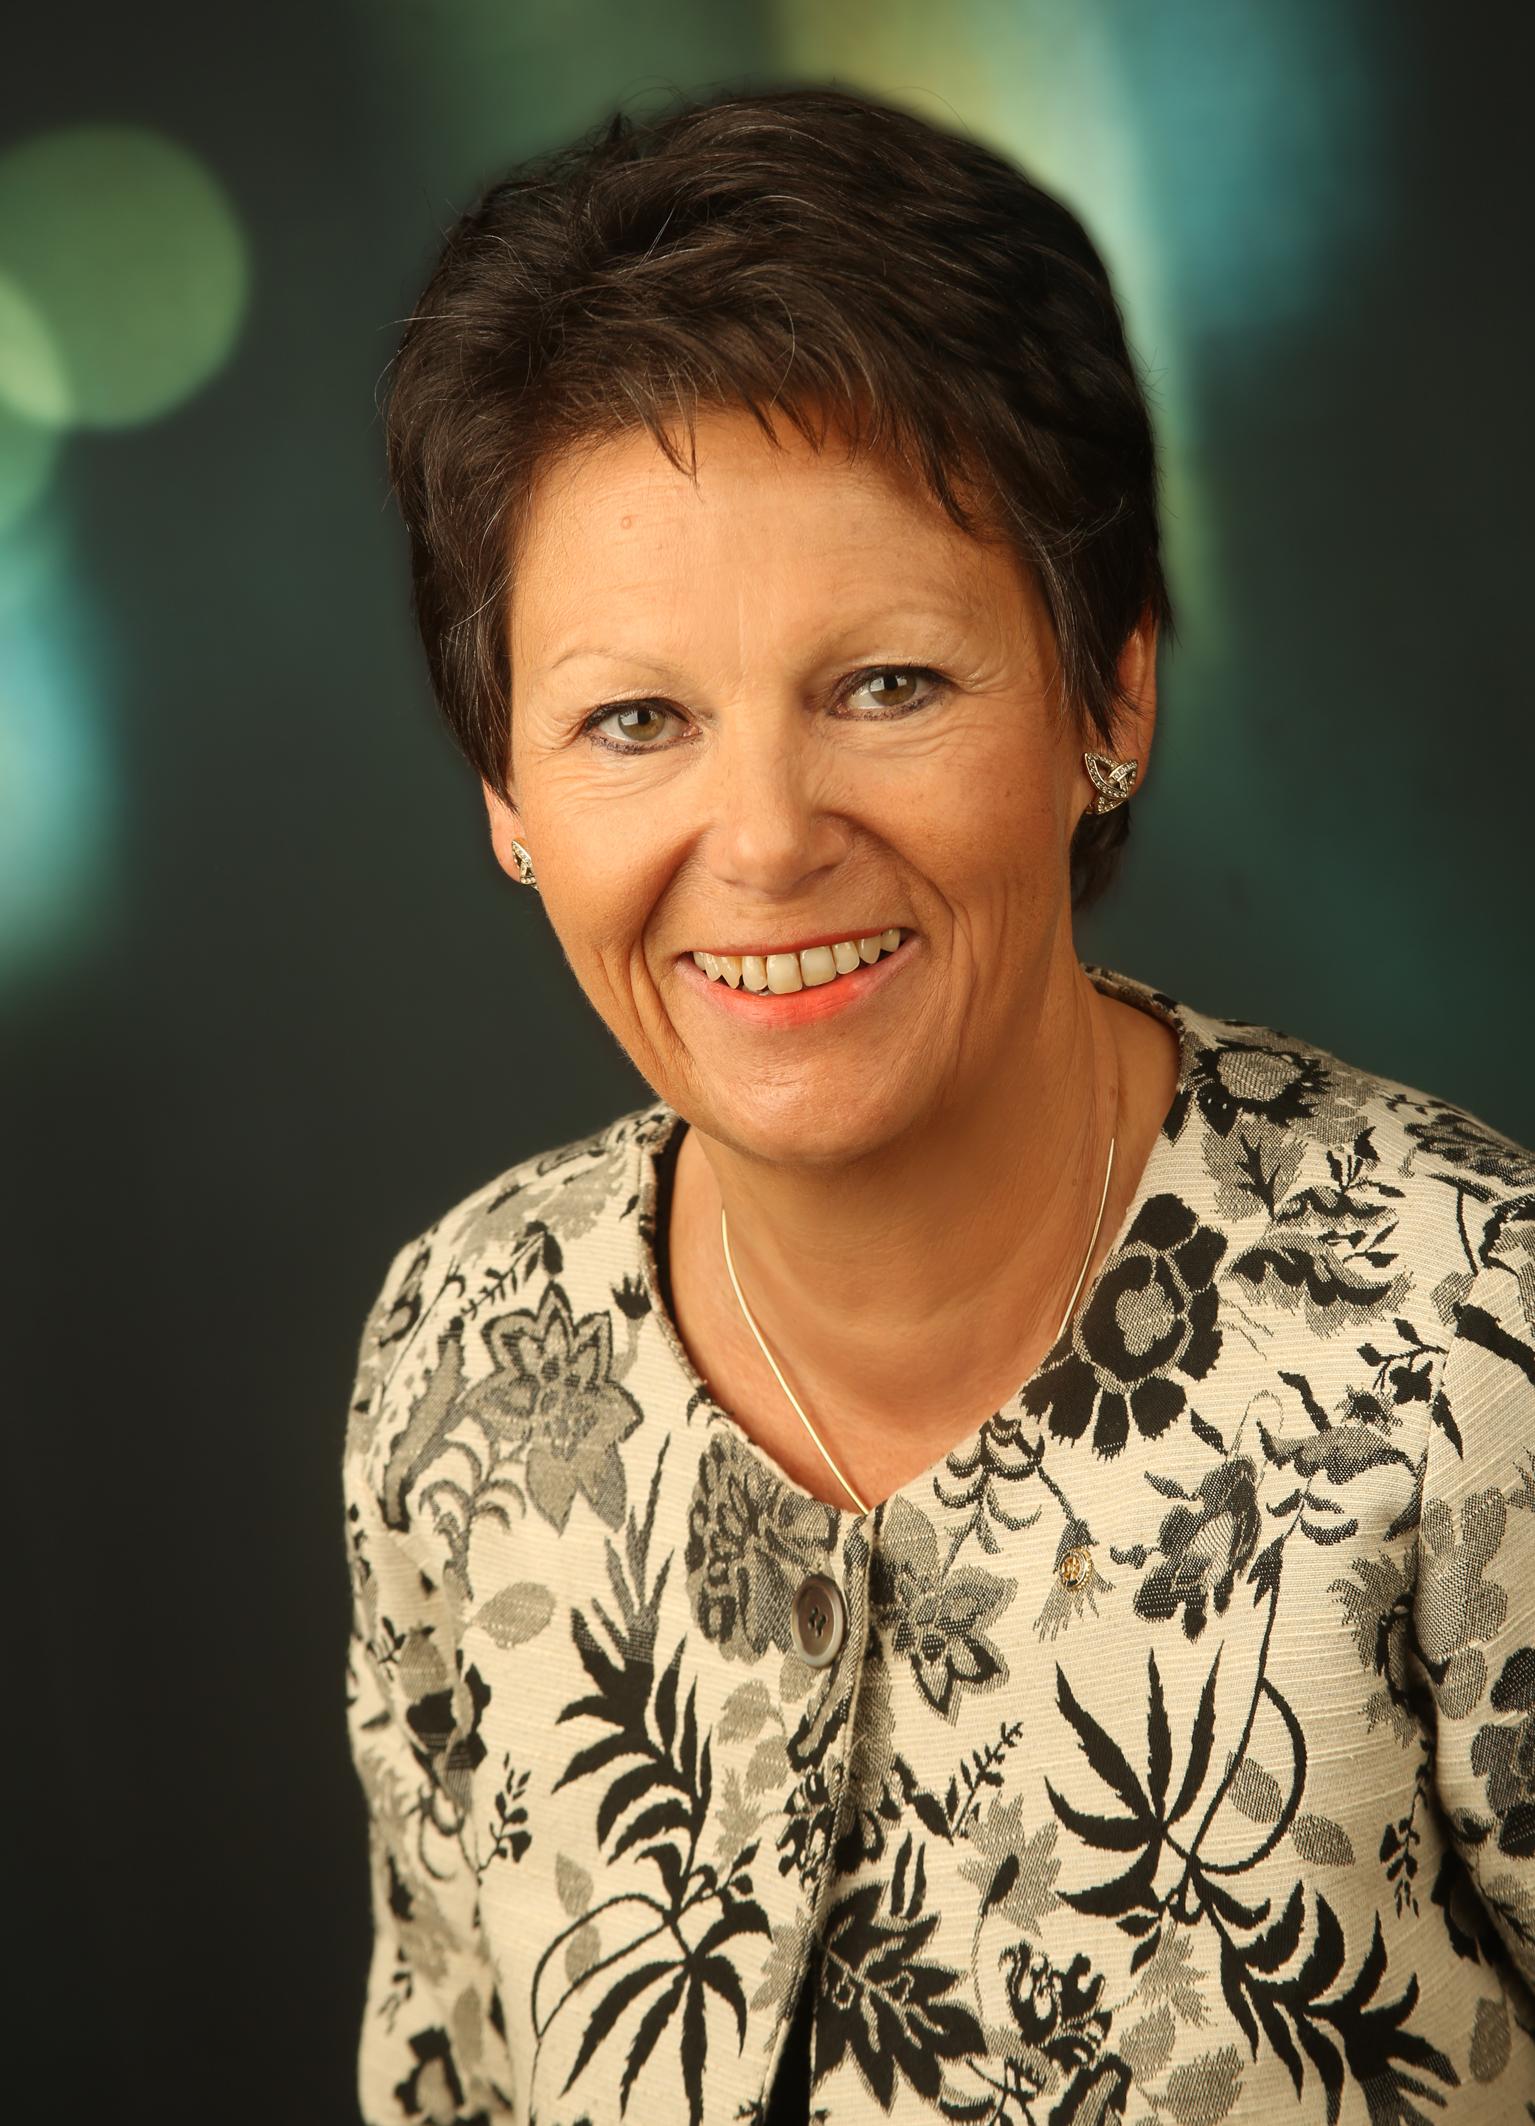 Erika Krenn-Neuwirth